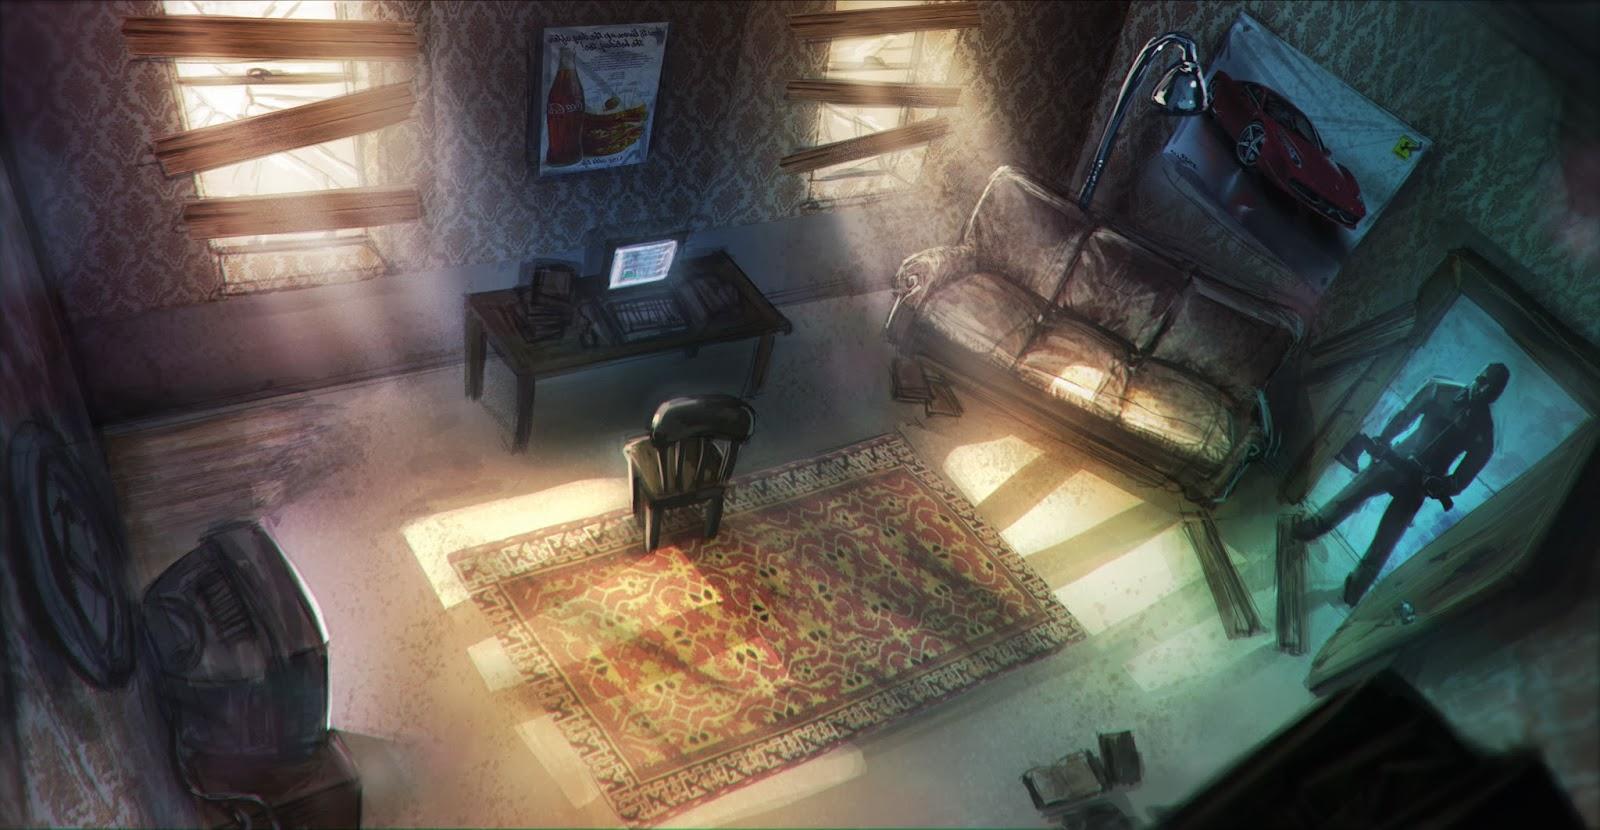 room+interior+1.jpg